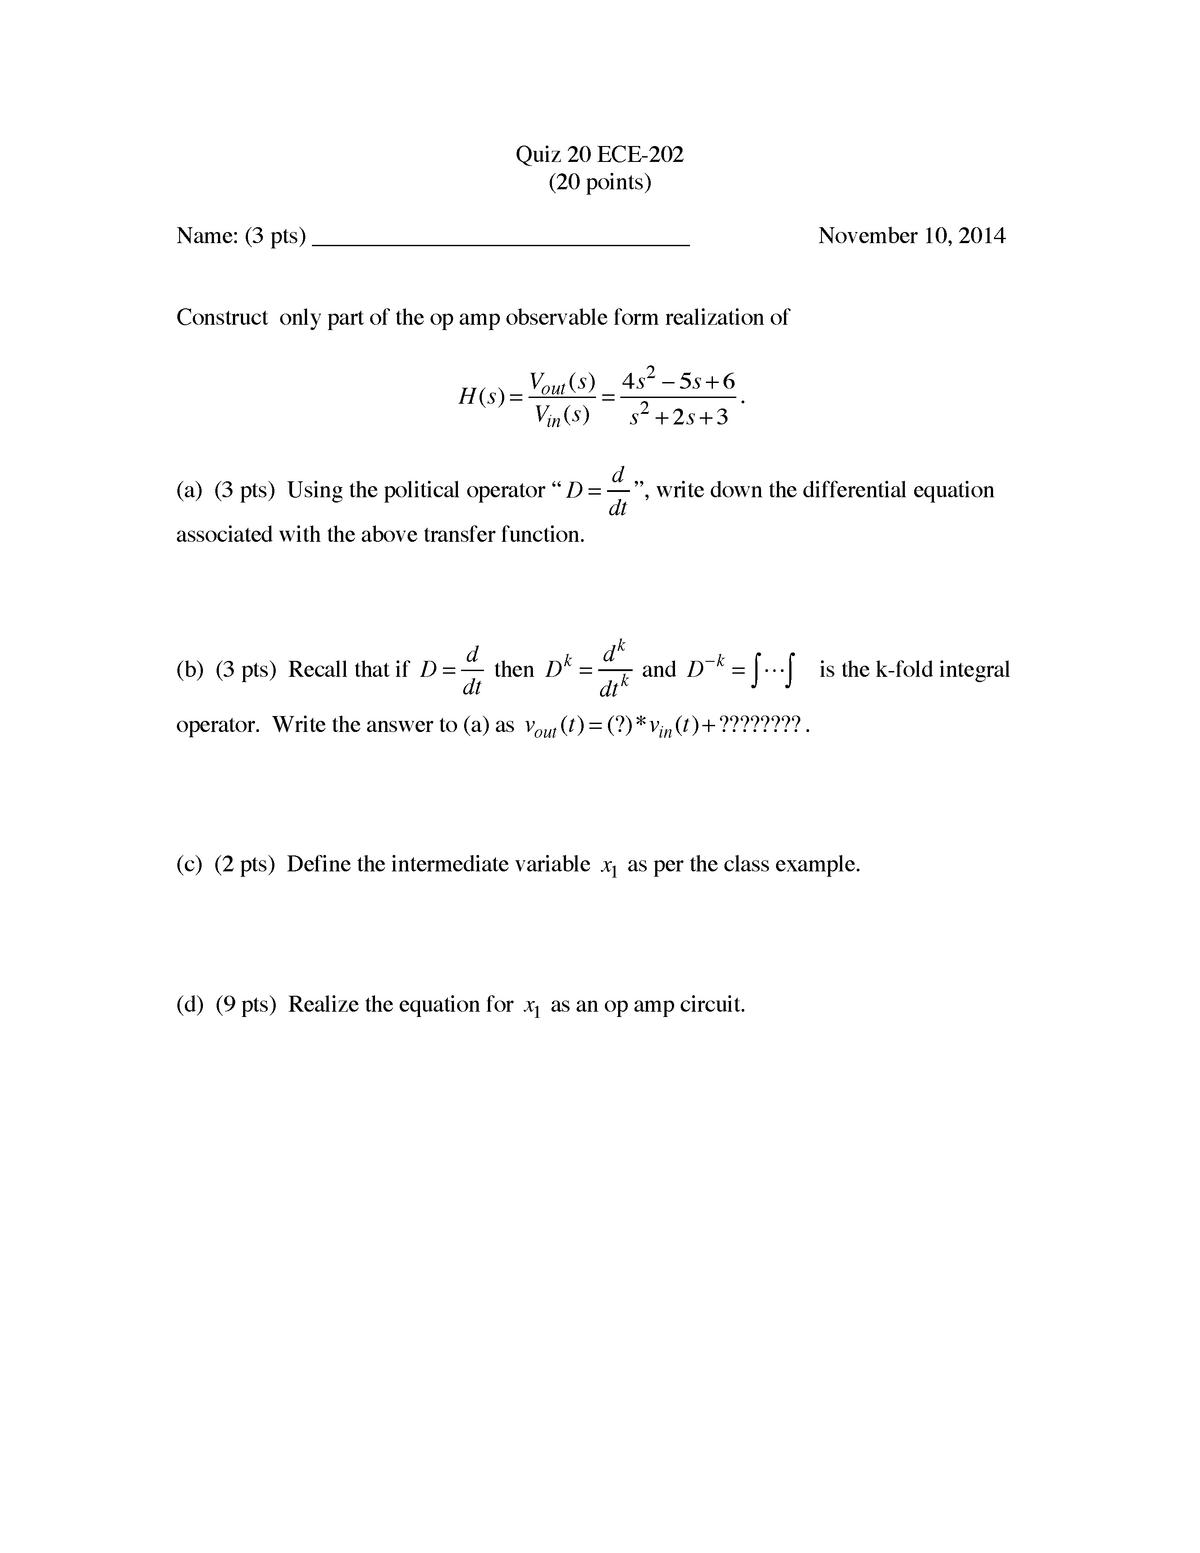 Lecture notes, Lecture 29- Quiz 2015 ECE 20200 - Purdue